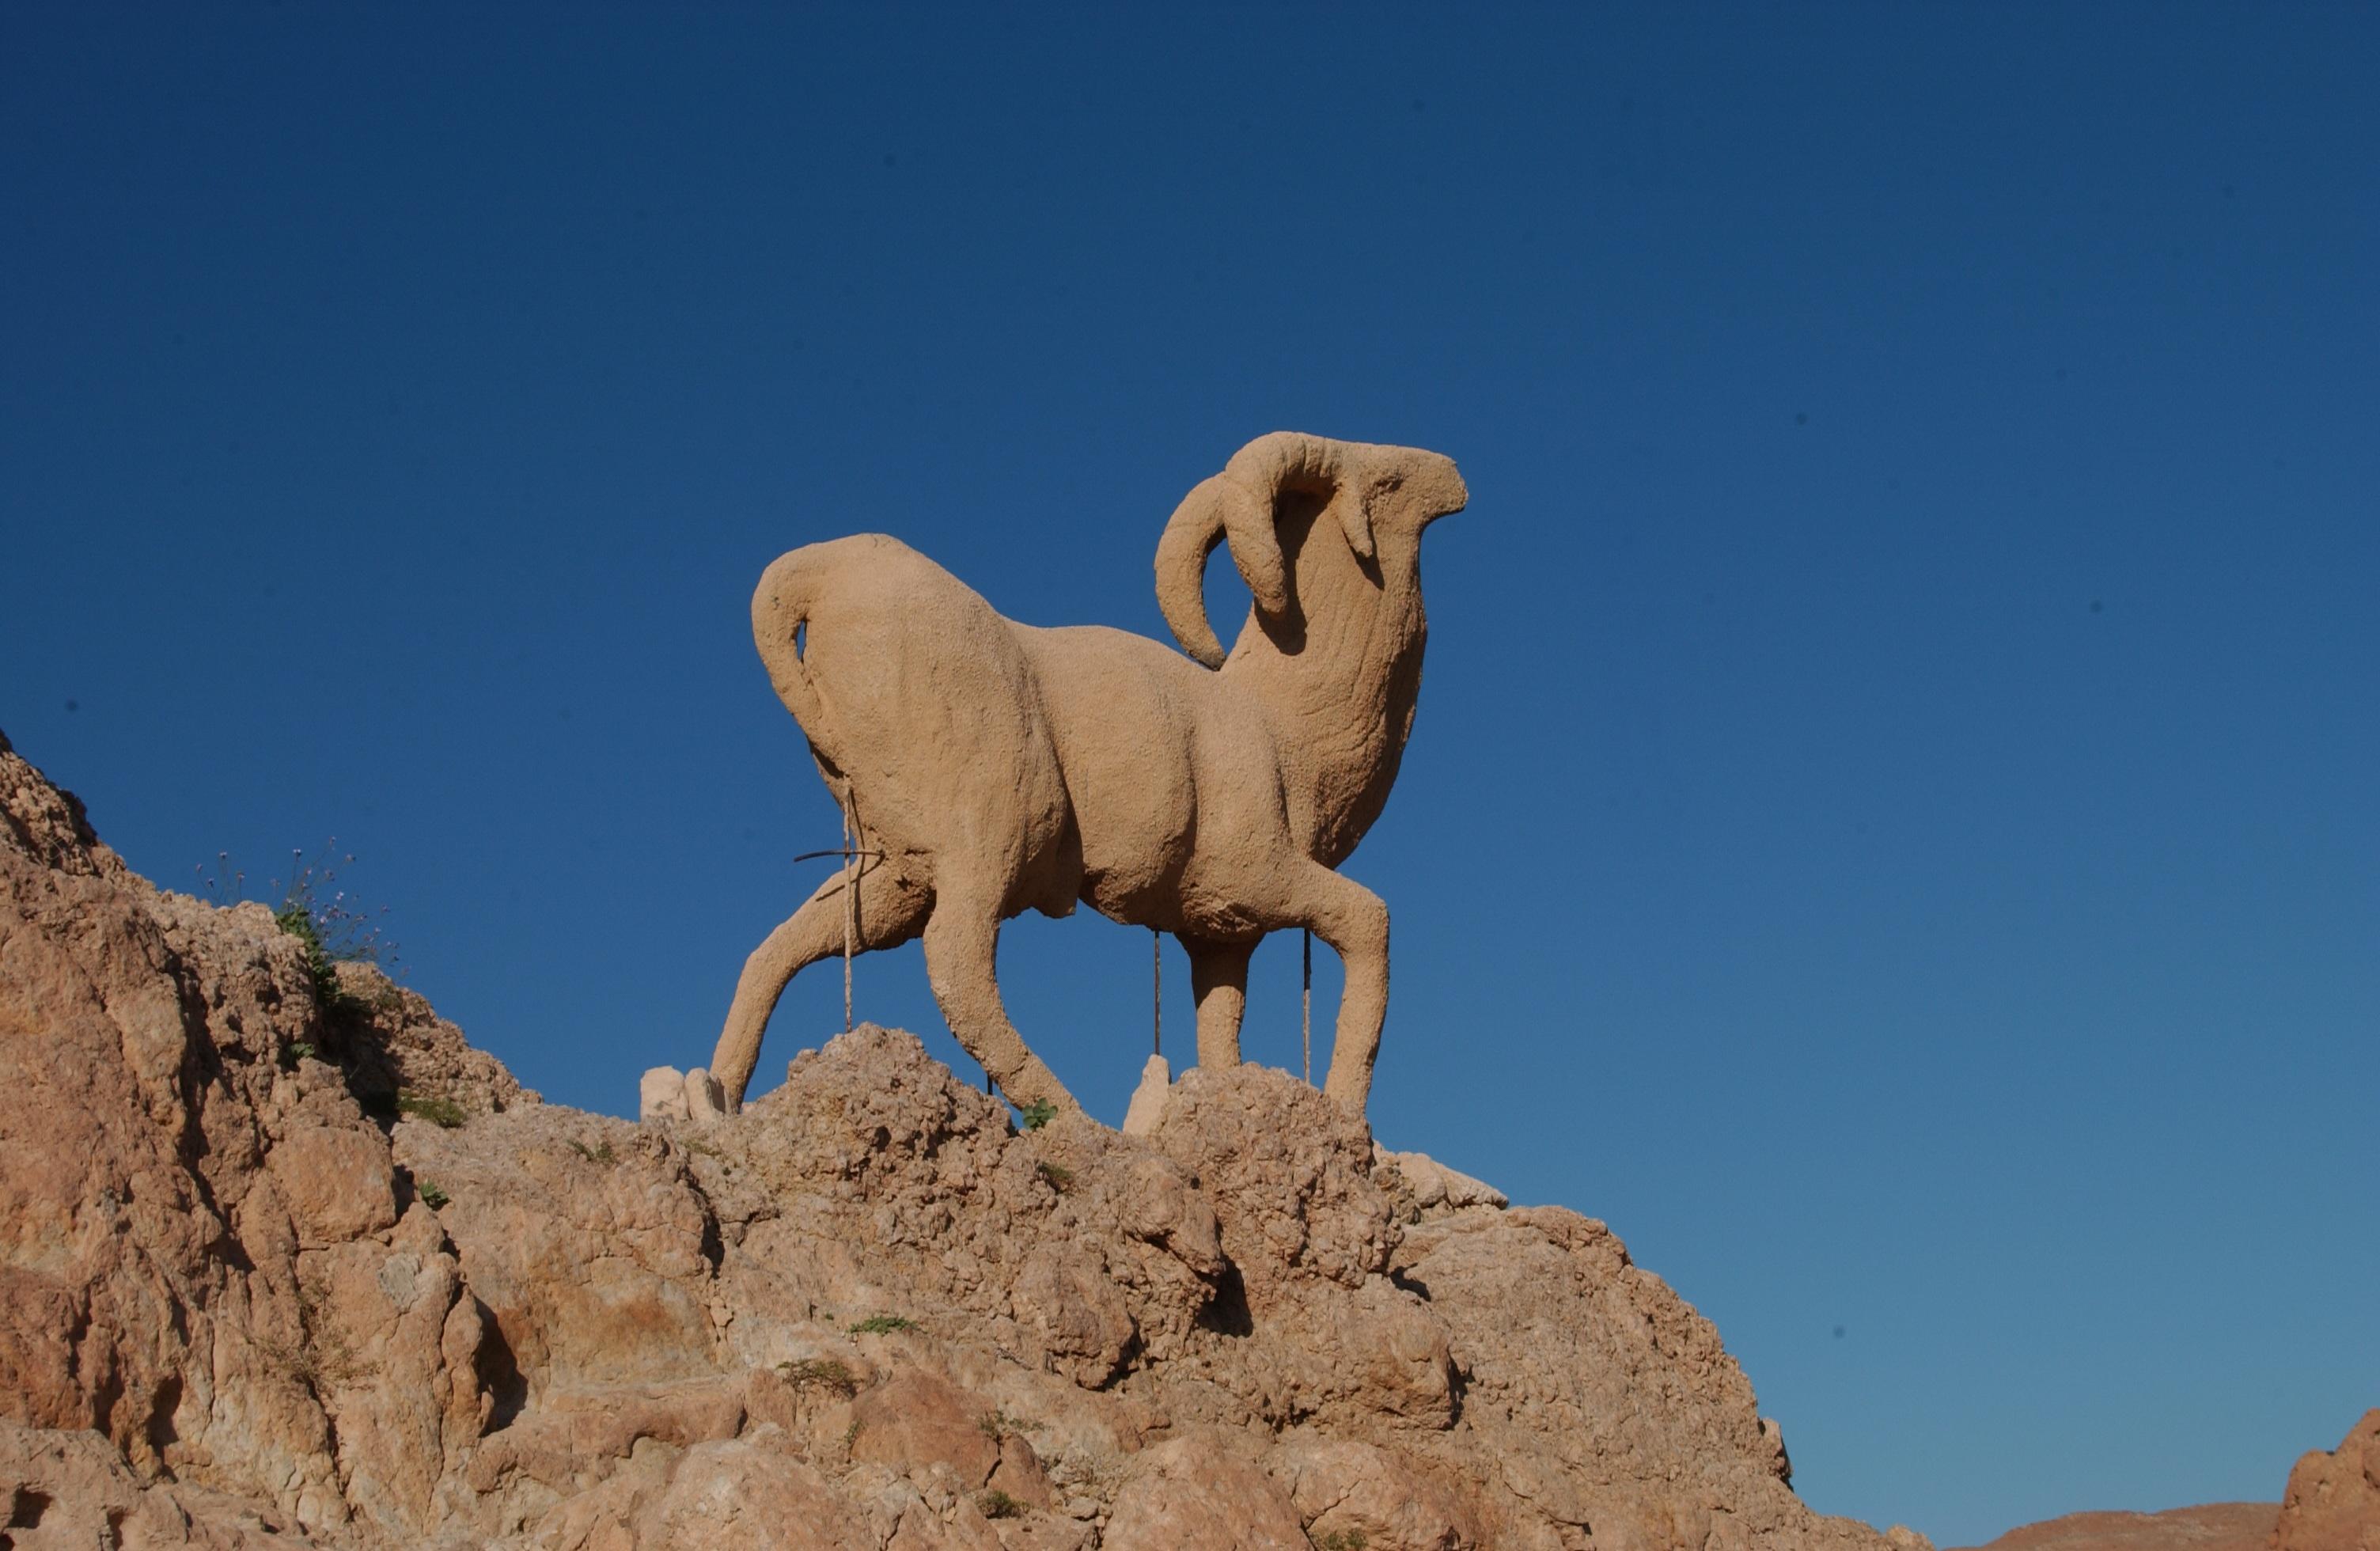 отец картинки верблюд баран защитить дрова